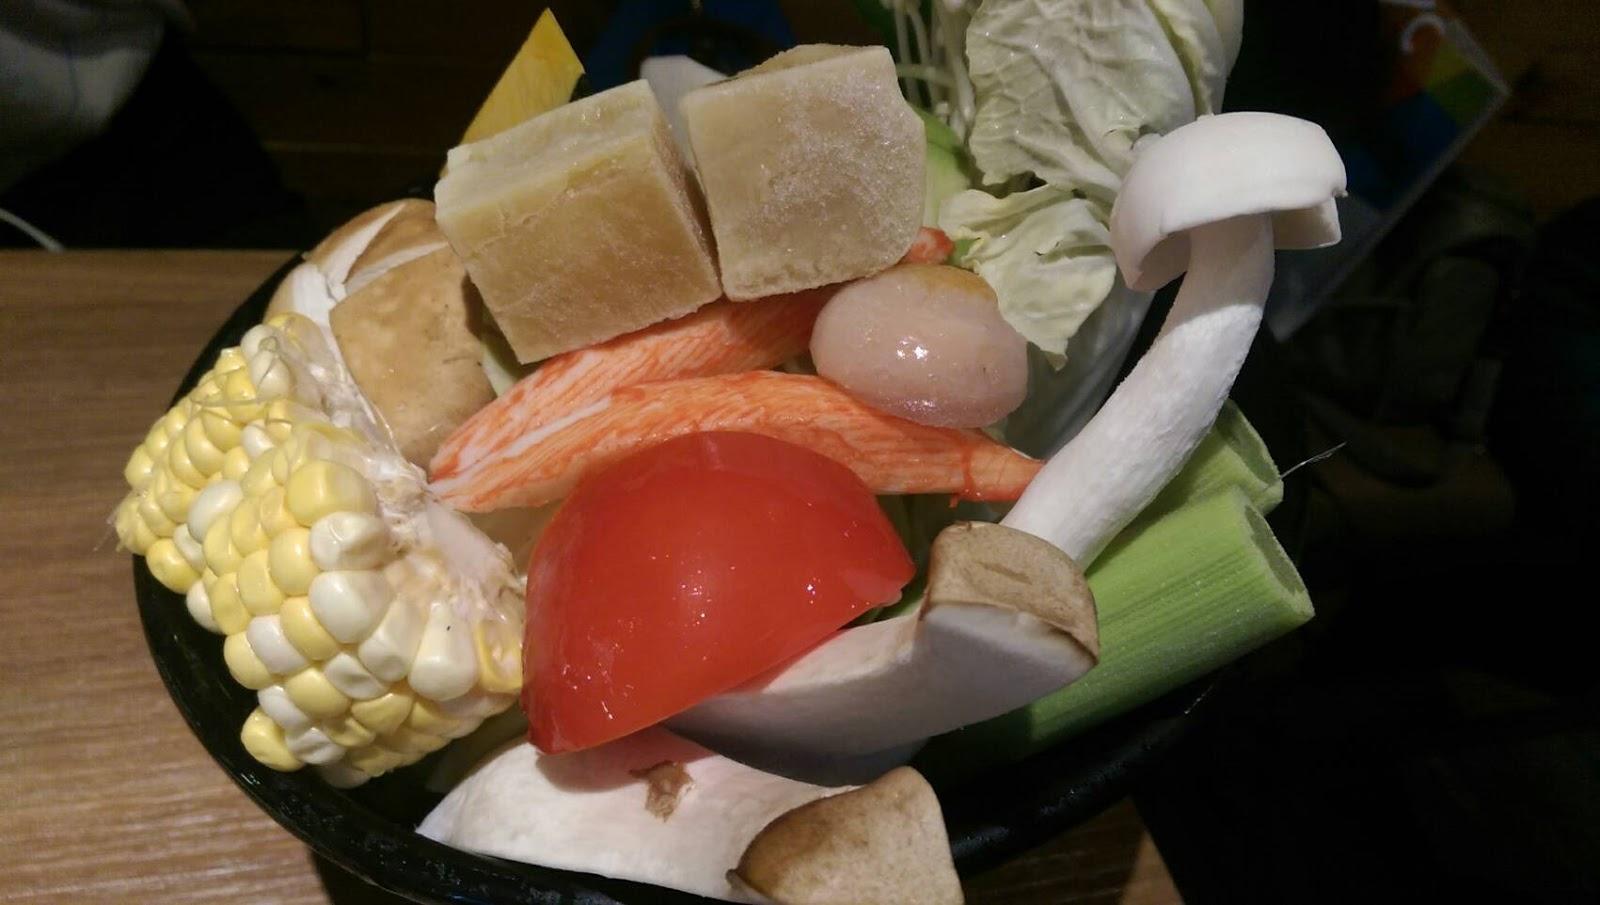 【台北美食】小當家海鮮鍋物(民權店),精緻海鮮火鍋